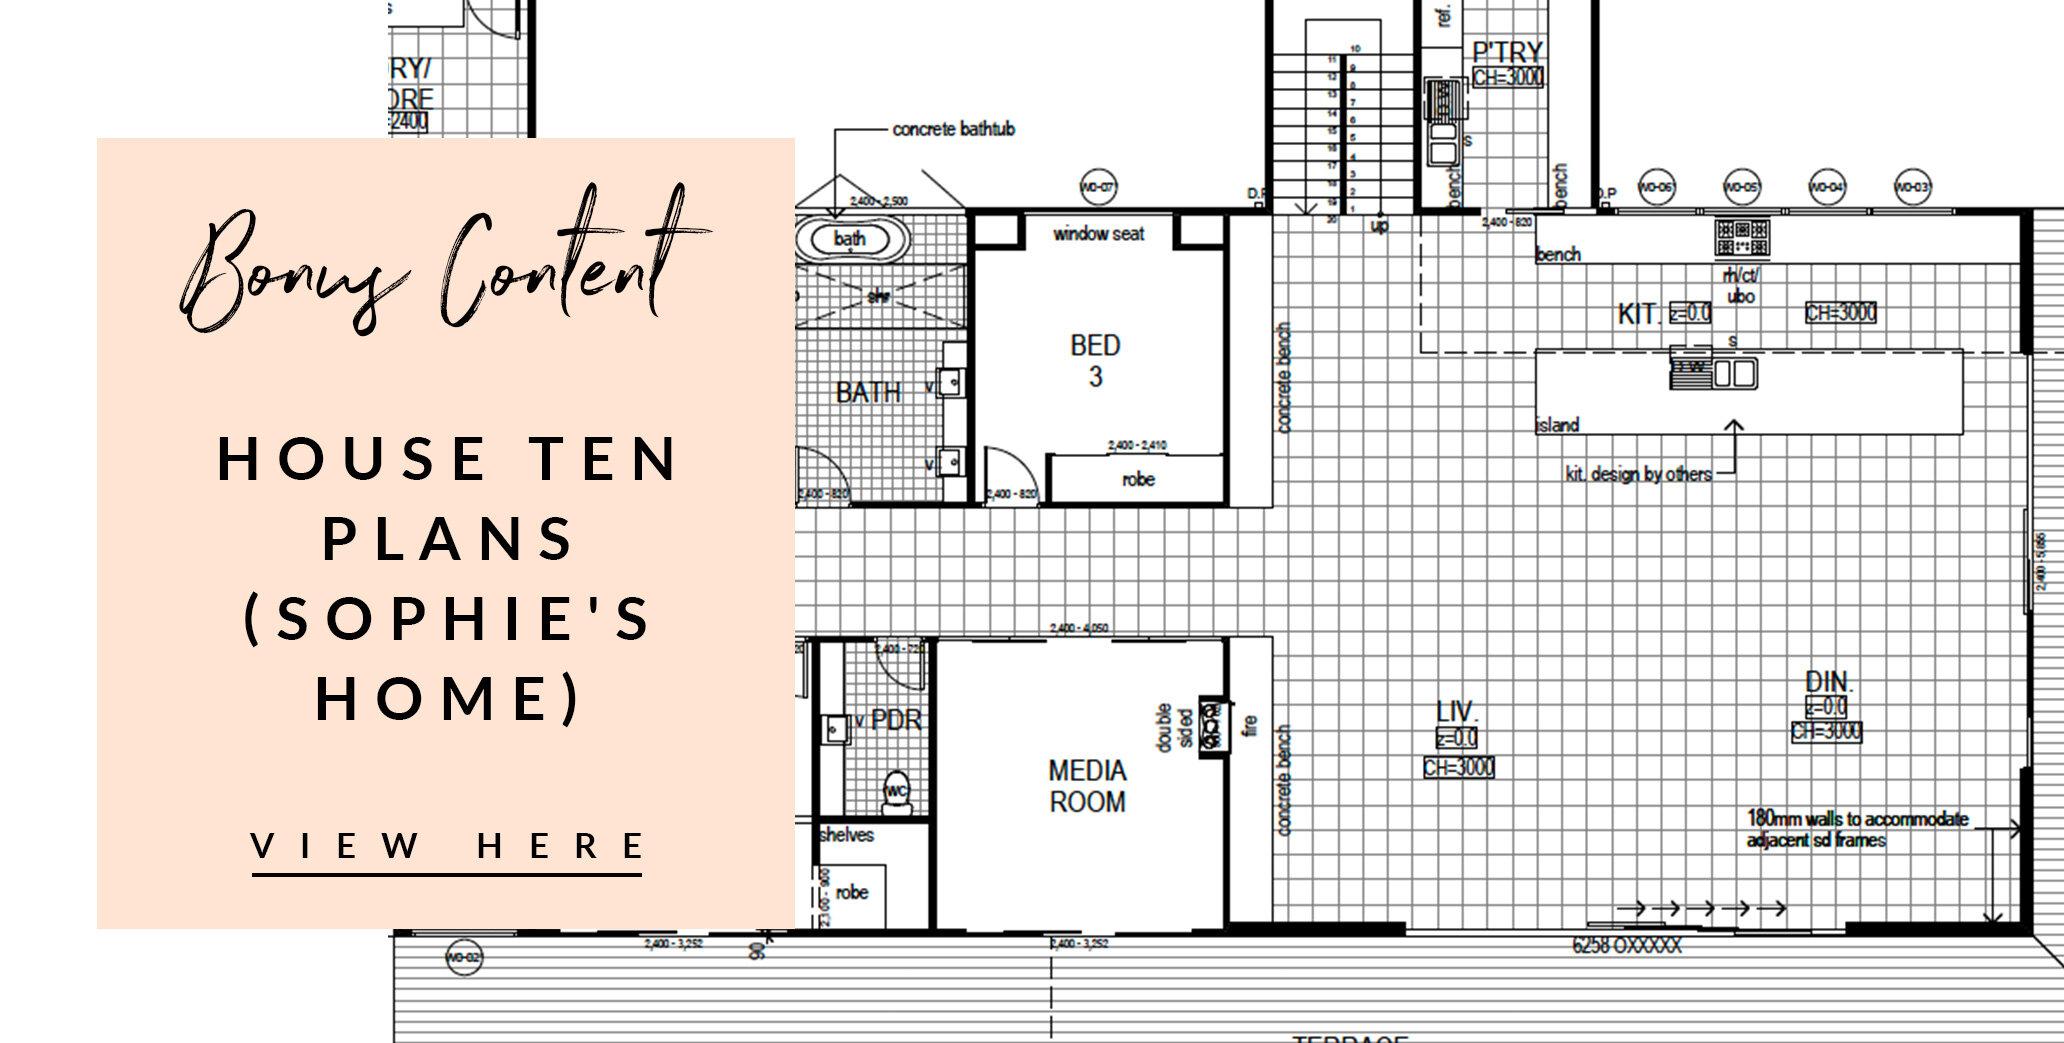 HOUSE-10-PLANS.jpg